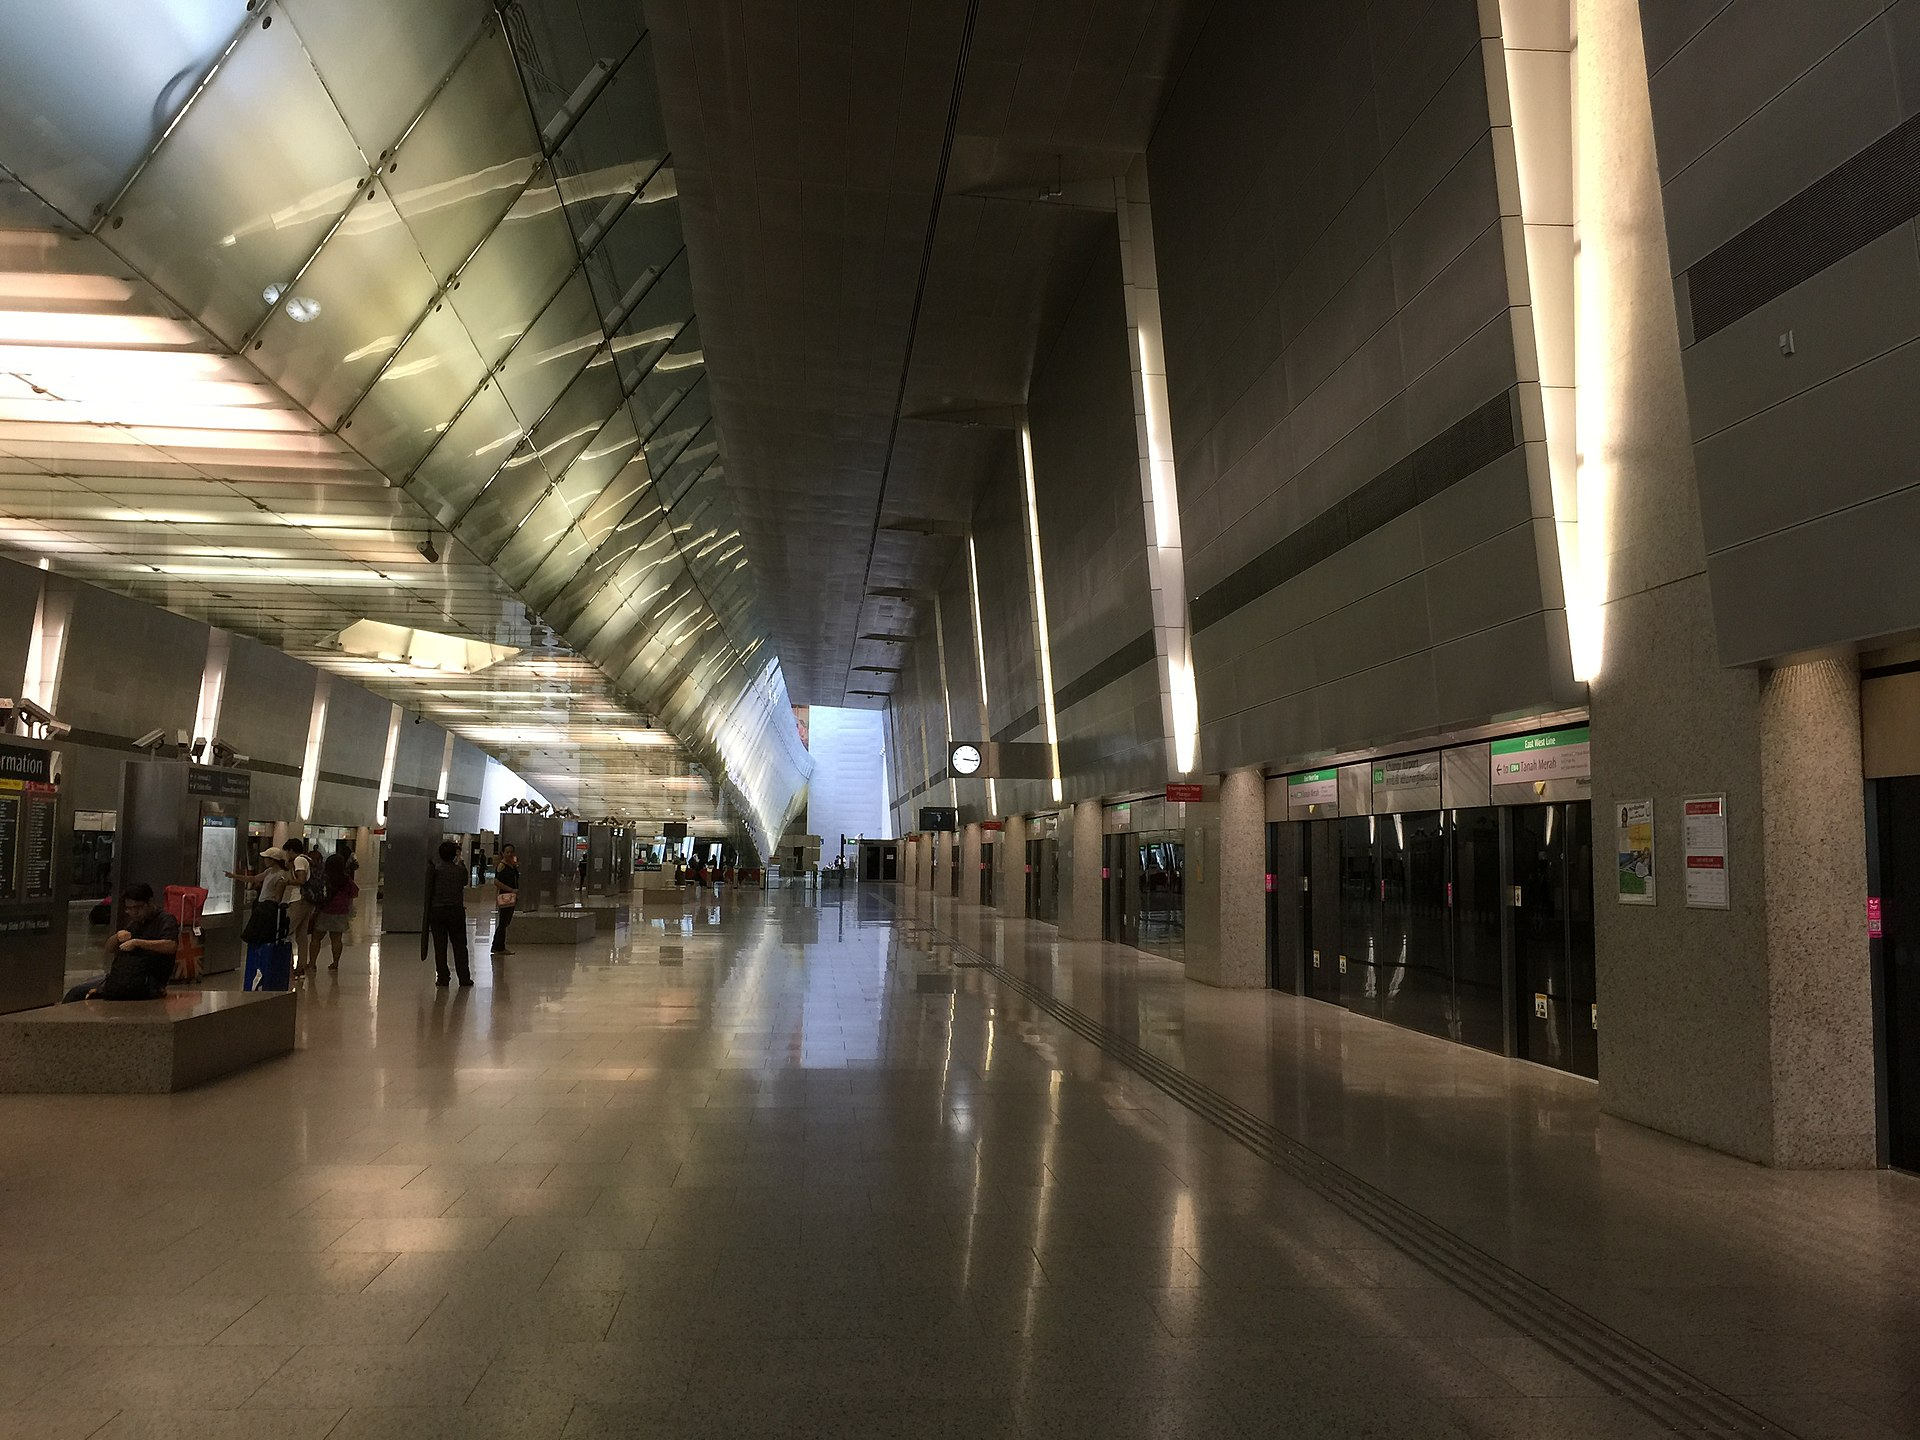 新加坡機場到市區 樟宜機場 地鐵站月台